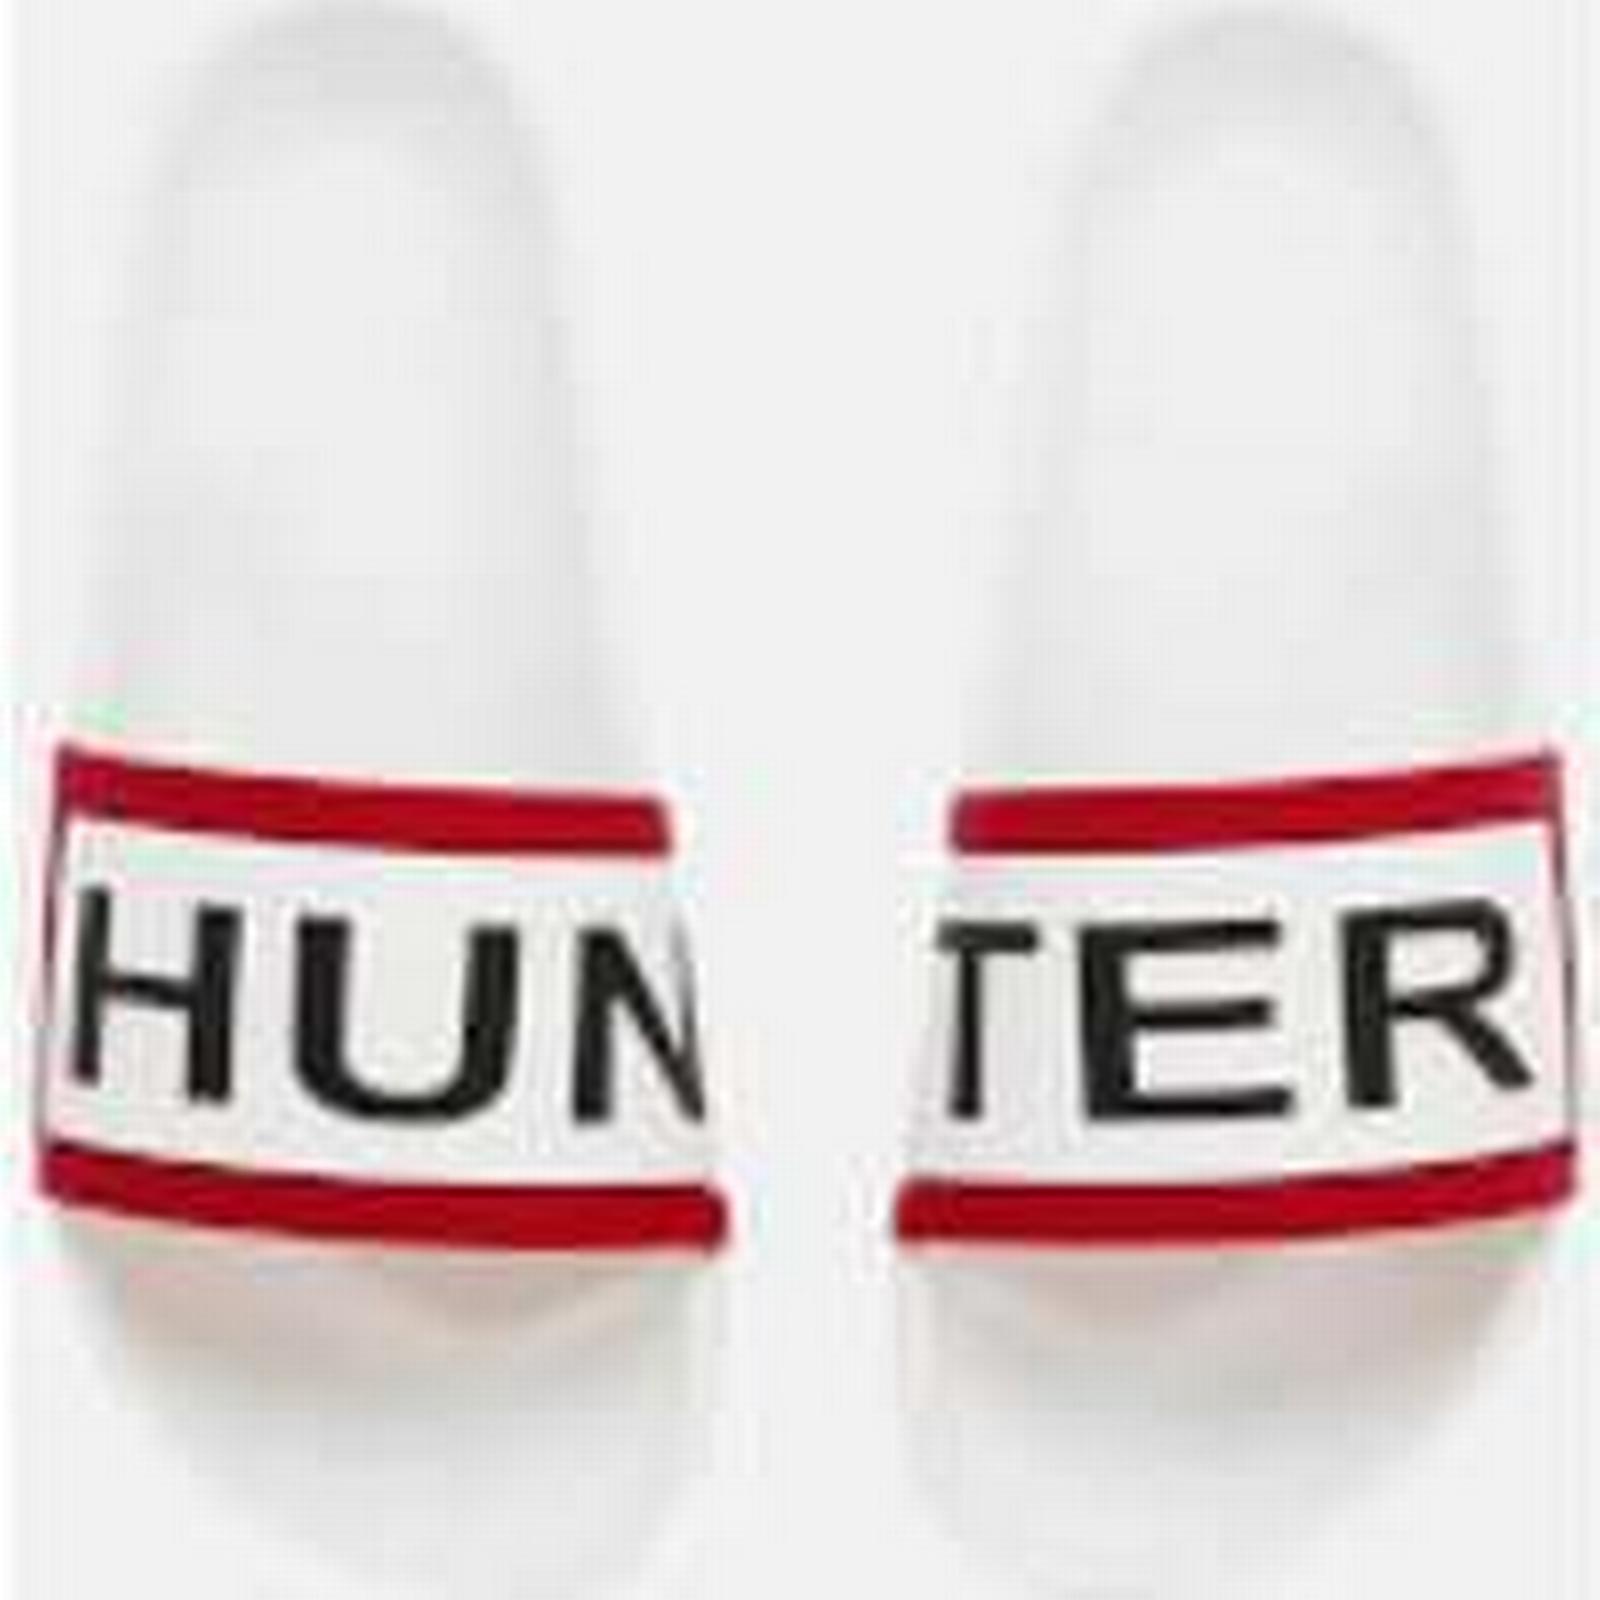 Hunter Women's Slide Sandals - - White - UK 5 - Sandals White 65f7d4